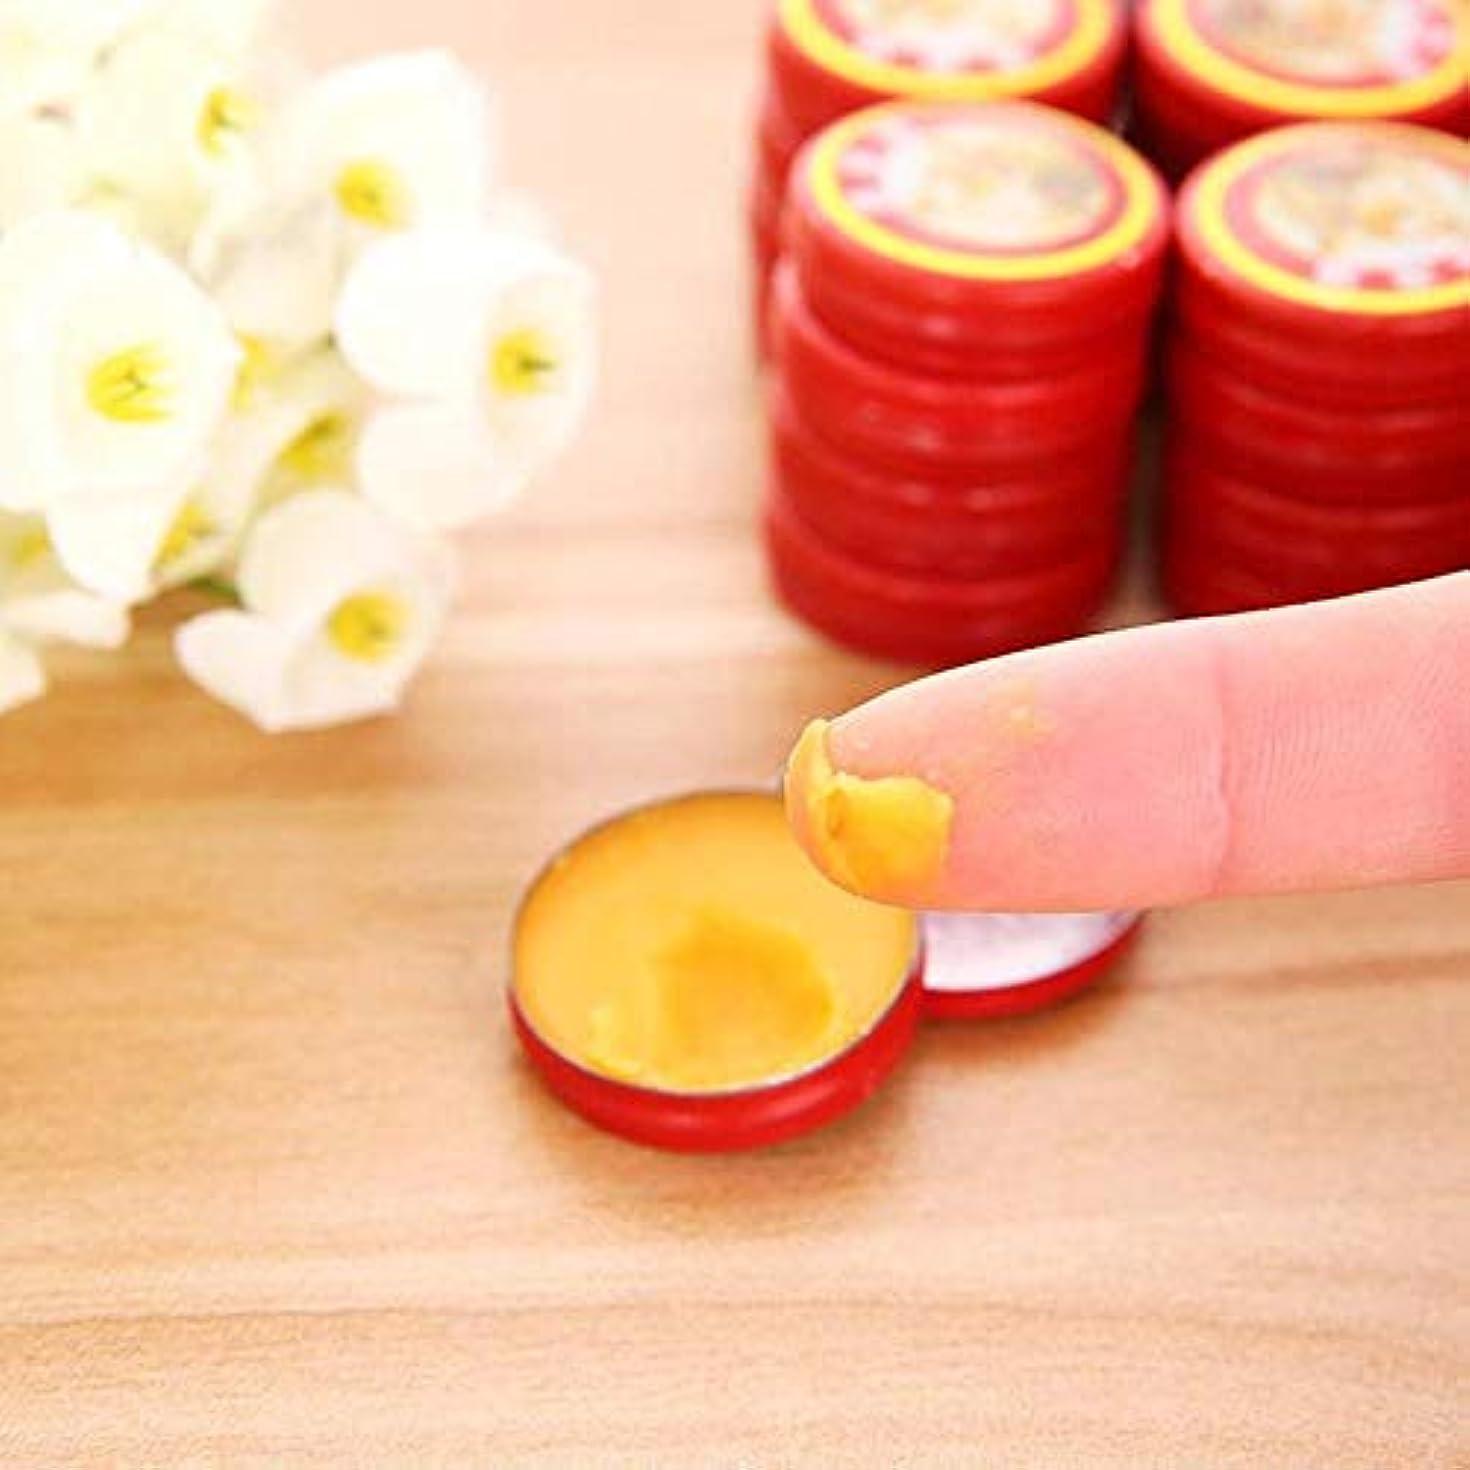 作物鎮痛剤鉄道10個中国のタイガーバームレッドリフレッシュインフルエンザの冷たい自分の治療めまい筋肉マッサージャーリラックスエッセンシャルオイル